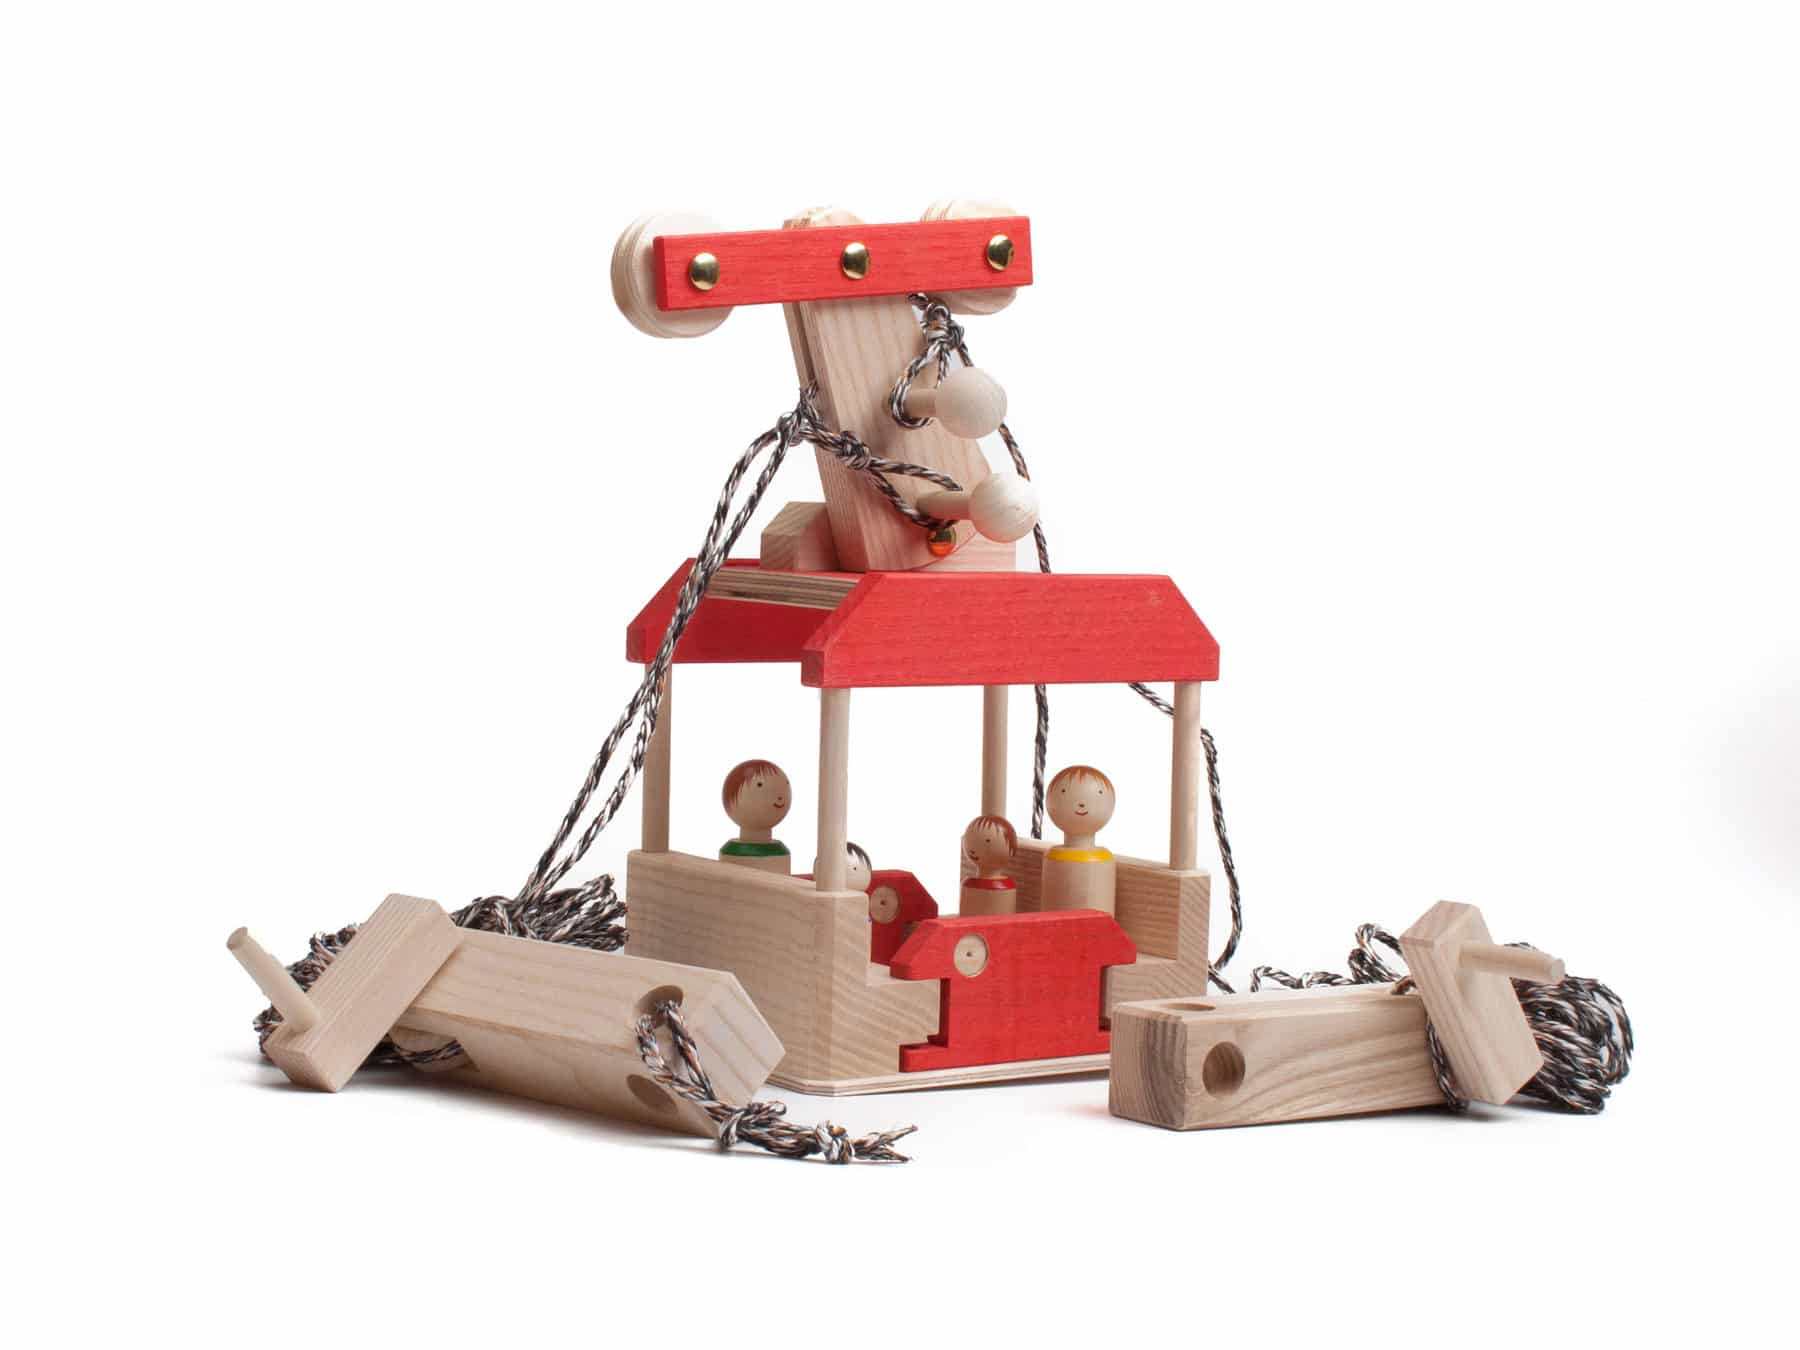 Seilbahn Spielzeug Seilbahnset Schweiz Gross KURTS.ch